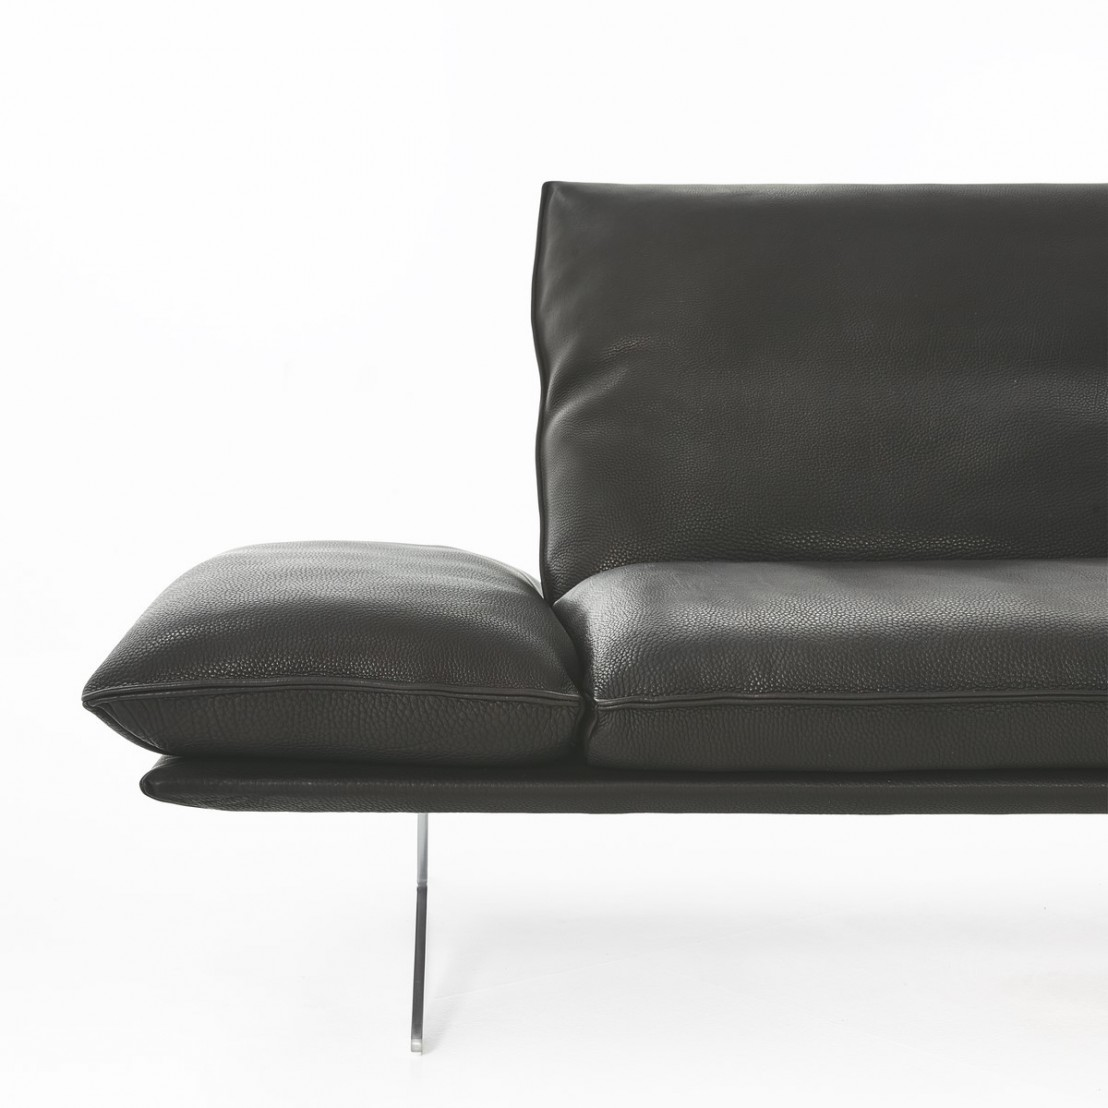 nouveau canape cuir pleine fleur de taureau design evans With canapé cuir taureau